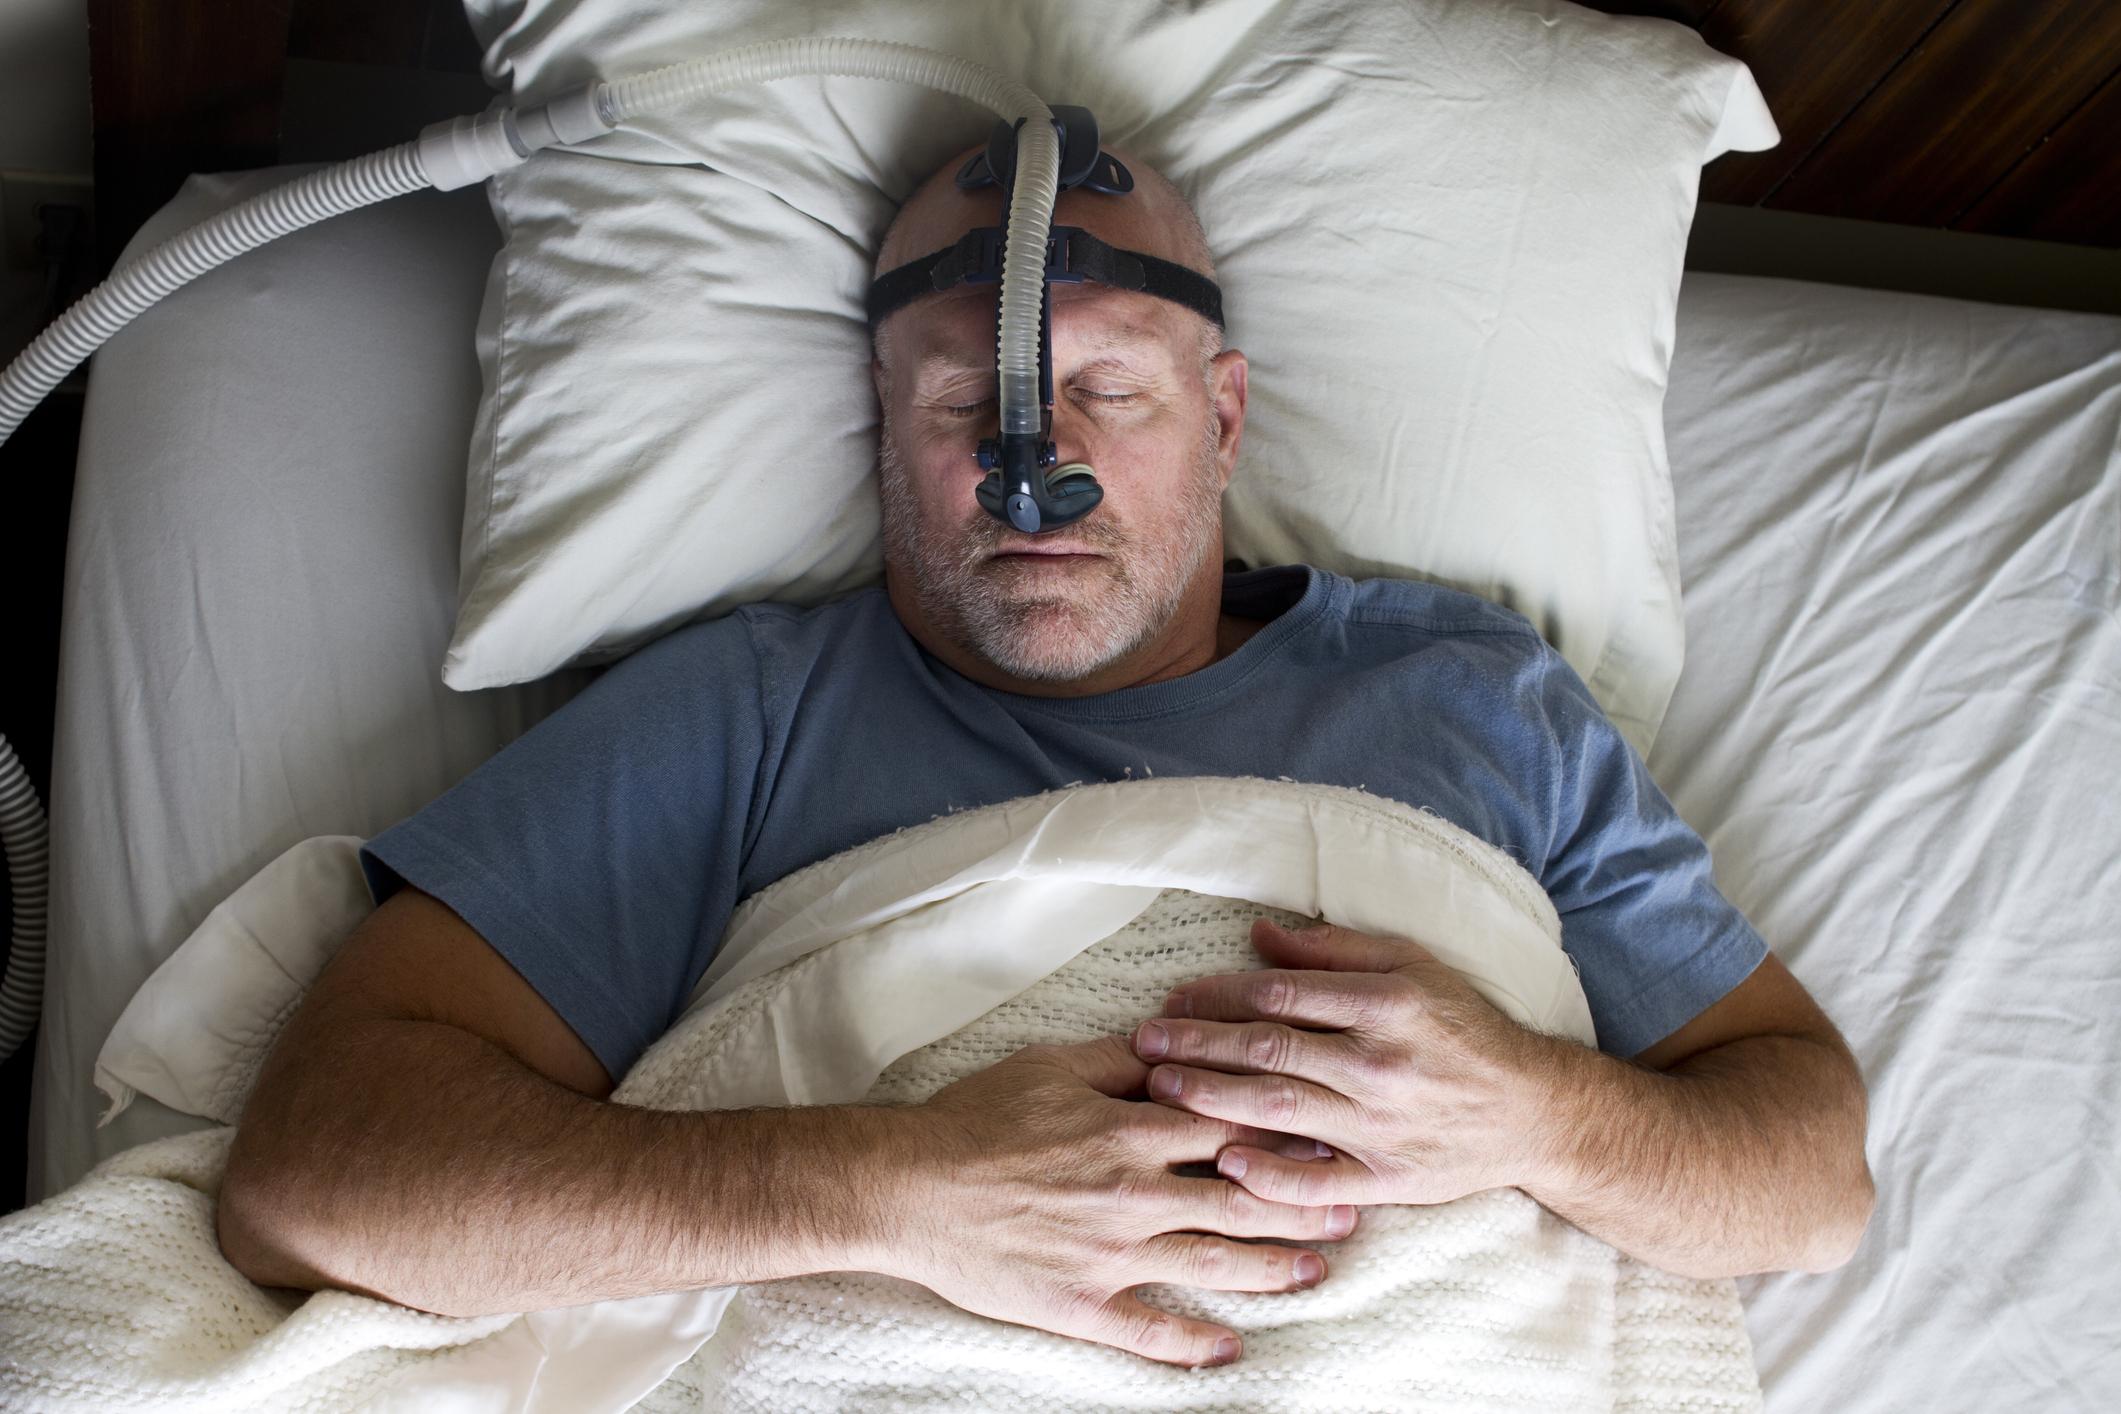 This surprising culprit  increases sleep apnea risk 78 percent